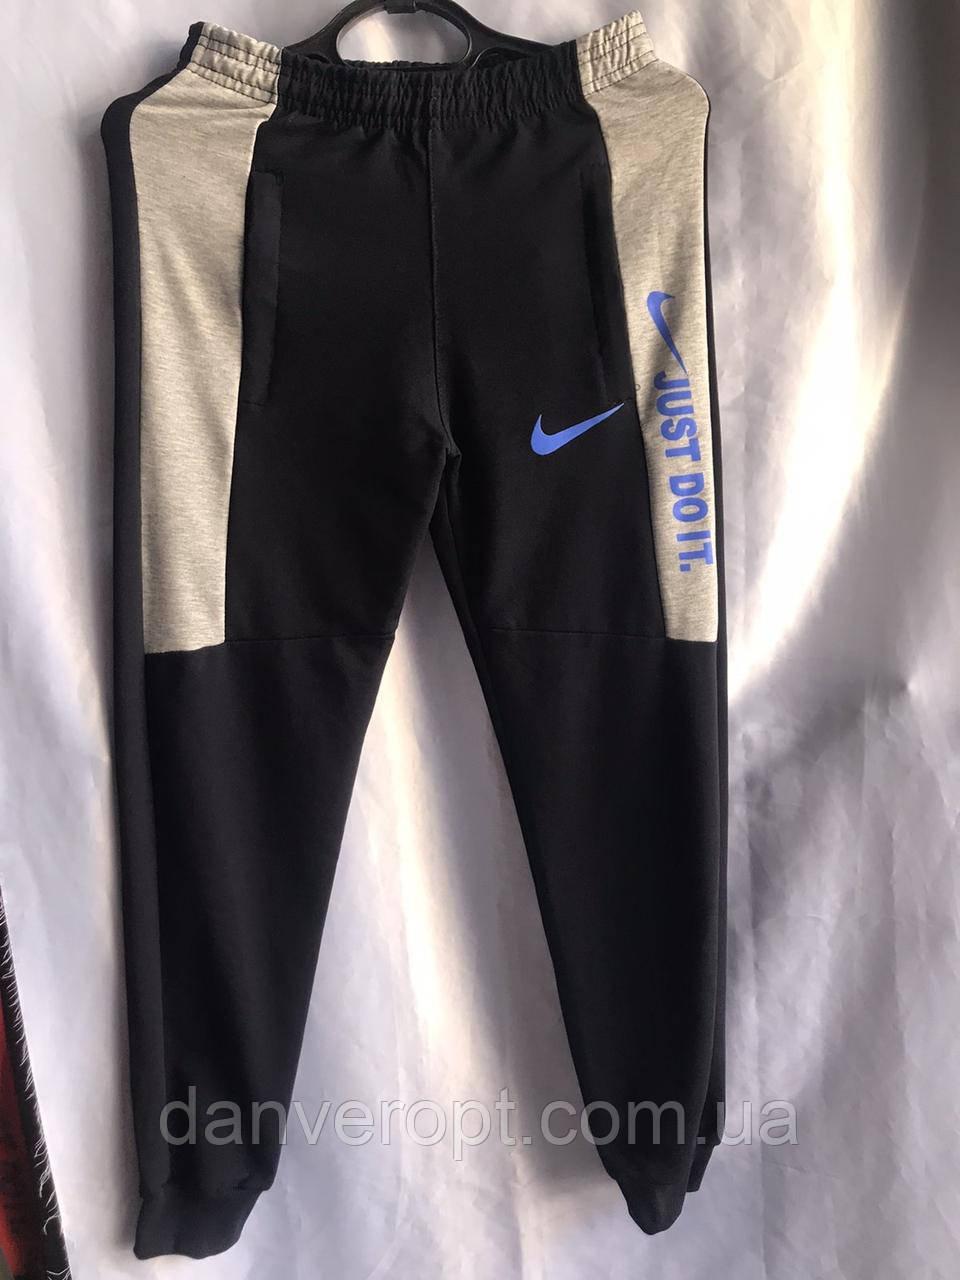 Спортивные штаны подростковые стильные NIKE на мальчика размер 38-46 купить оптом со склада 7км Одесса